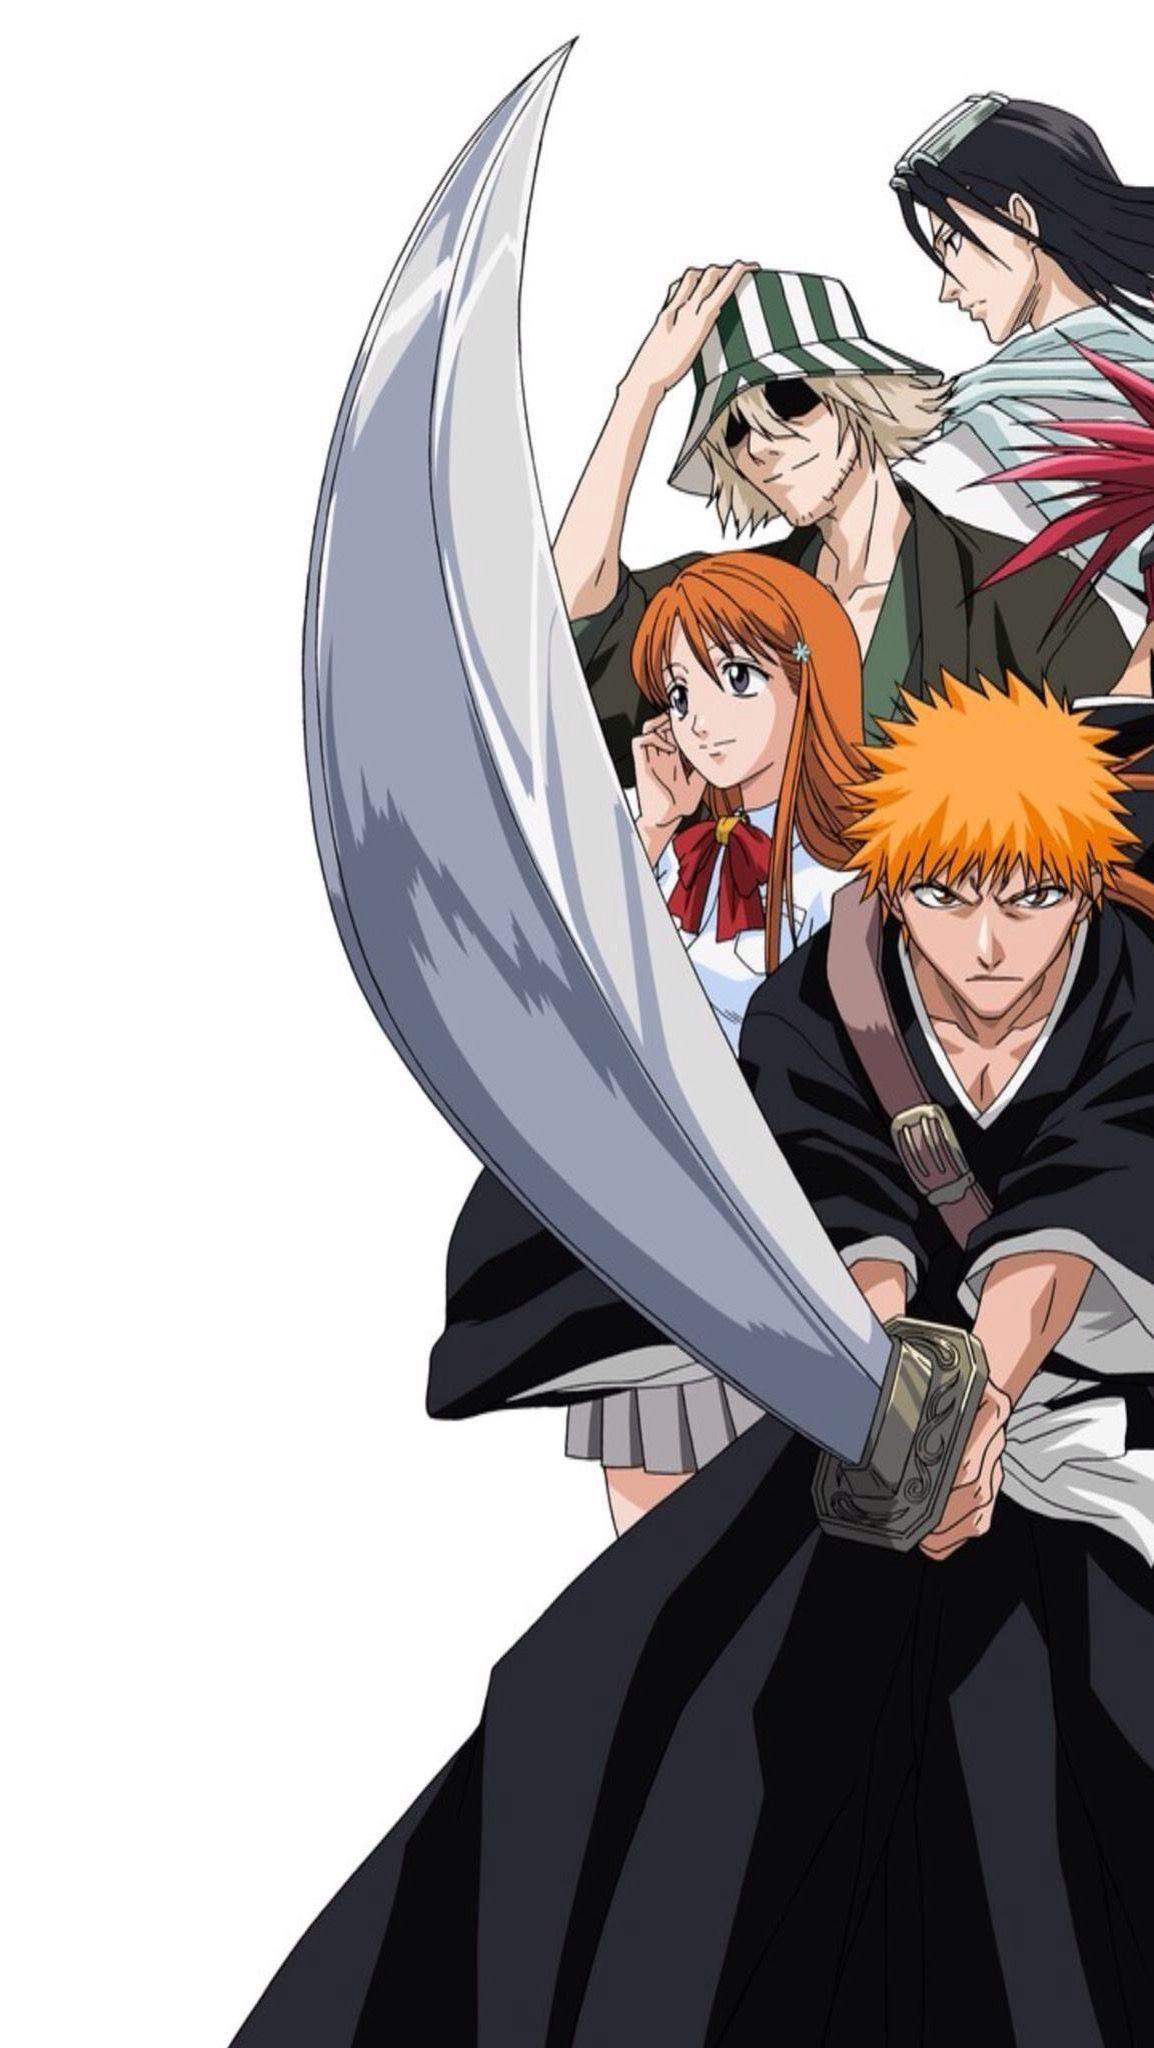 Bleach Wallpaper Bleach, Anime, Wallpaper